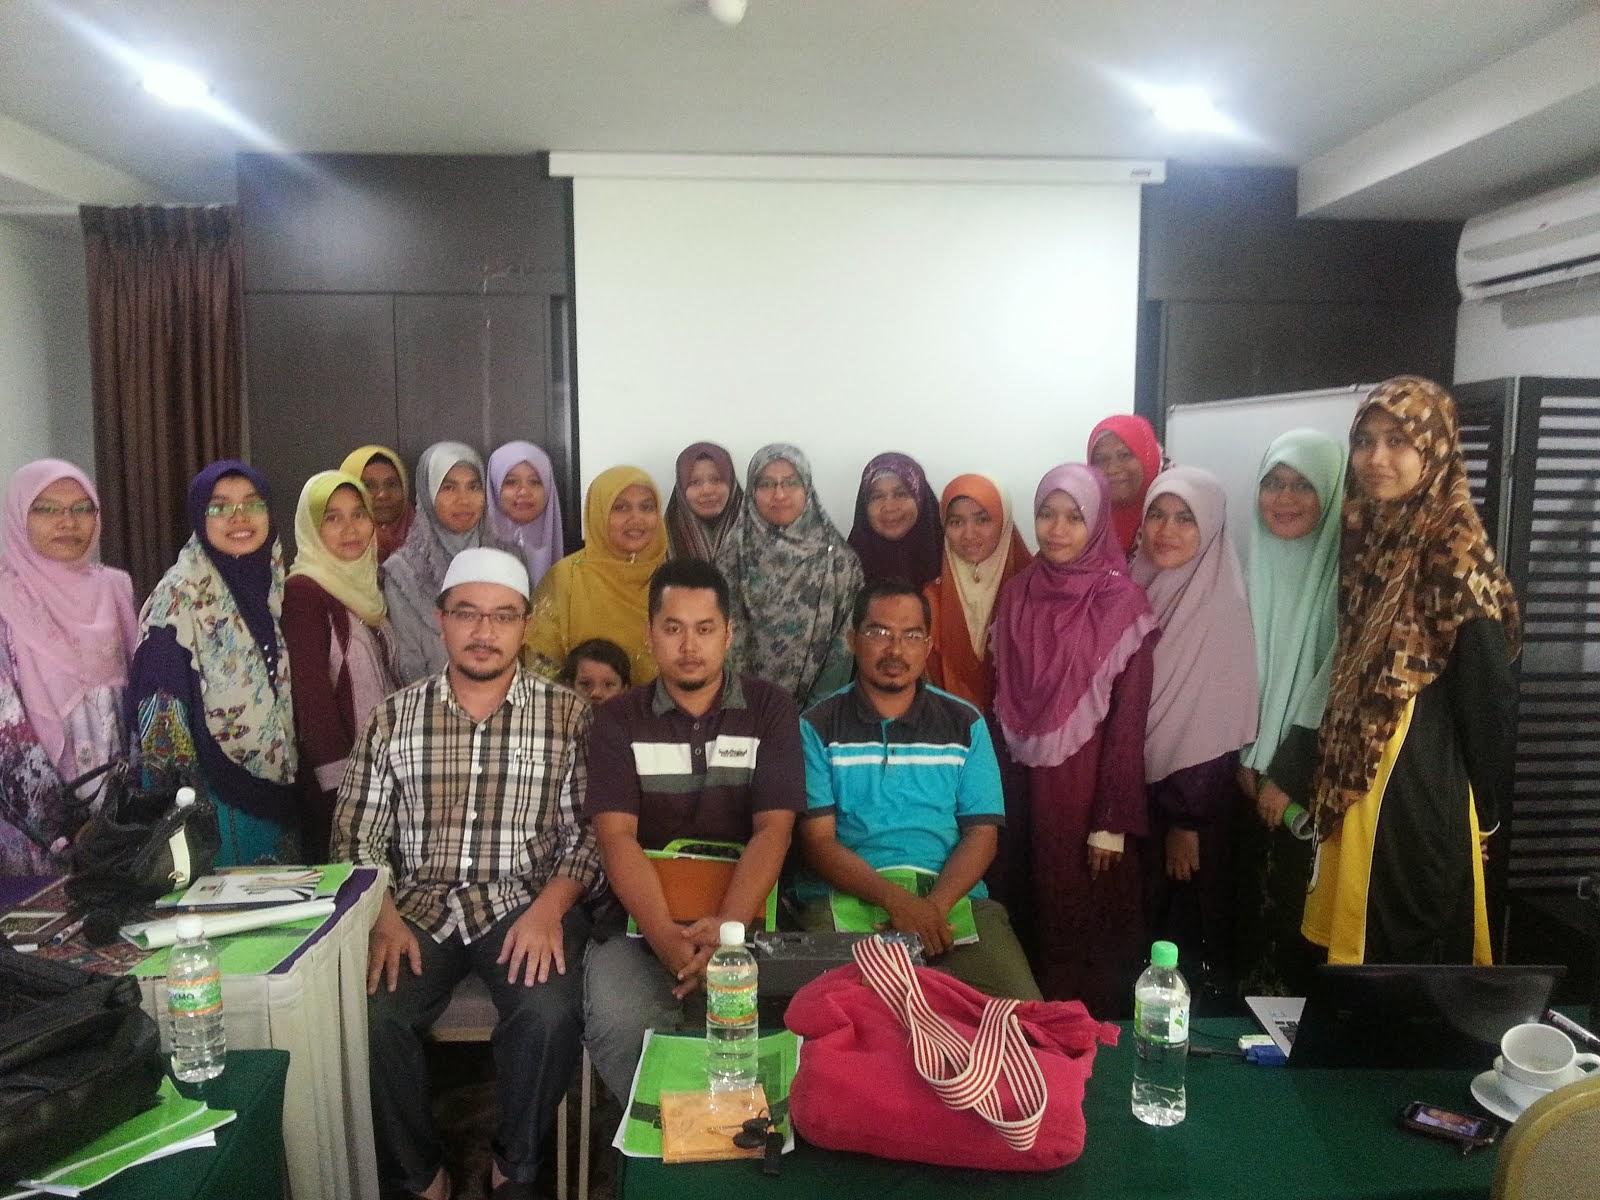 Bengkel Mendorong Pelajar & Anak di Kota Bharu I 30.11.13